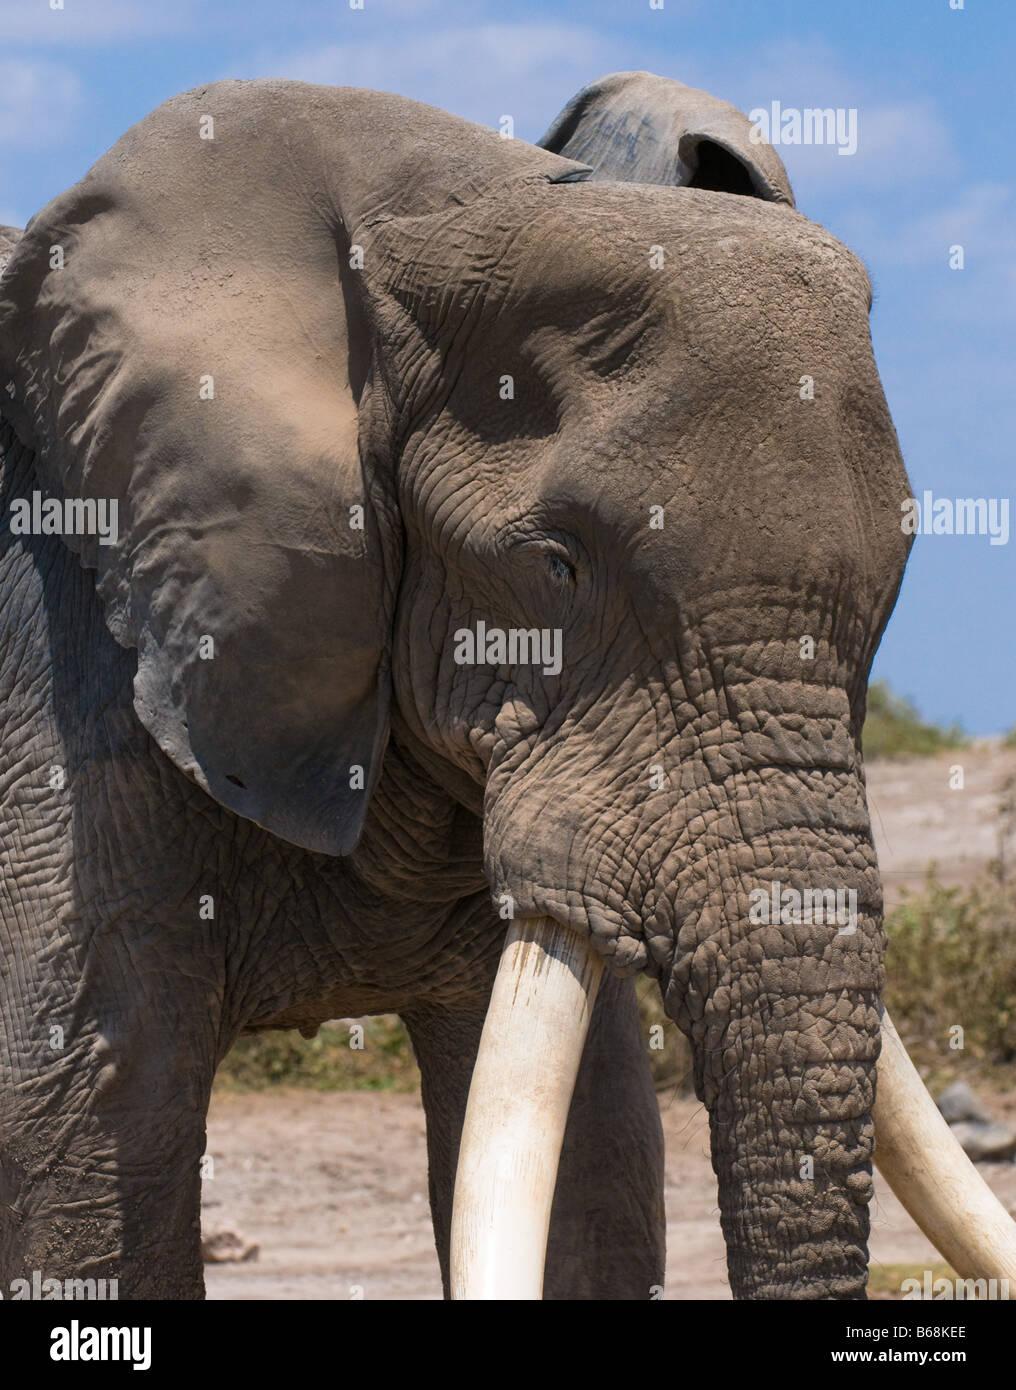 old elephant amboseli national park kenya - Stock Image